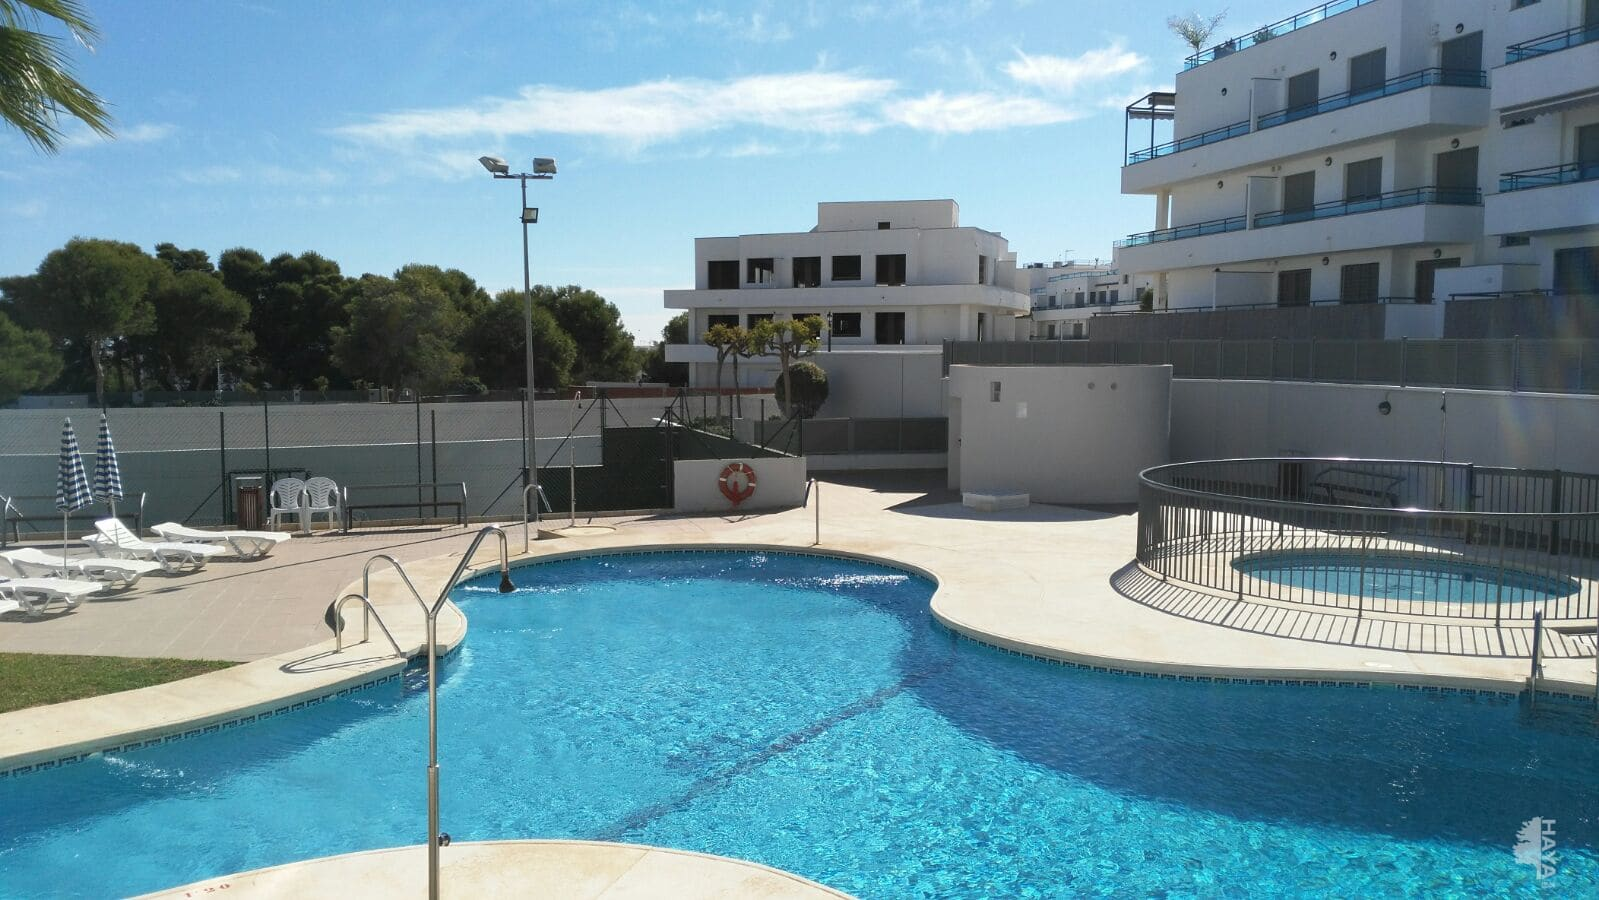 Piso en venta en Garrucha, Garrucha, Almería, Calle Murillo, 218.600 €, 2 habitaciones, 2 baños, 76 m2